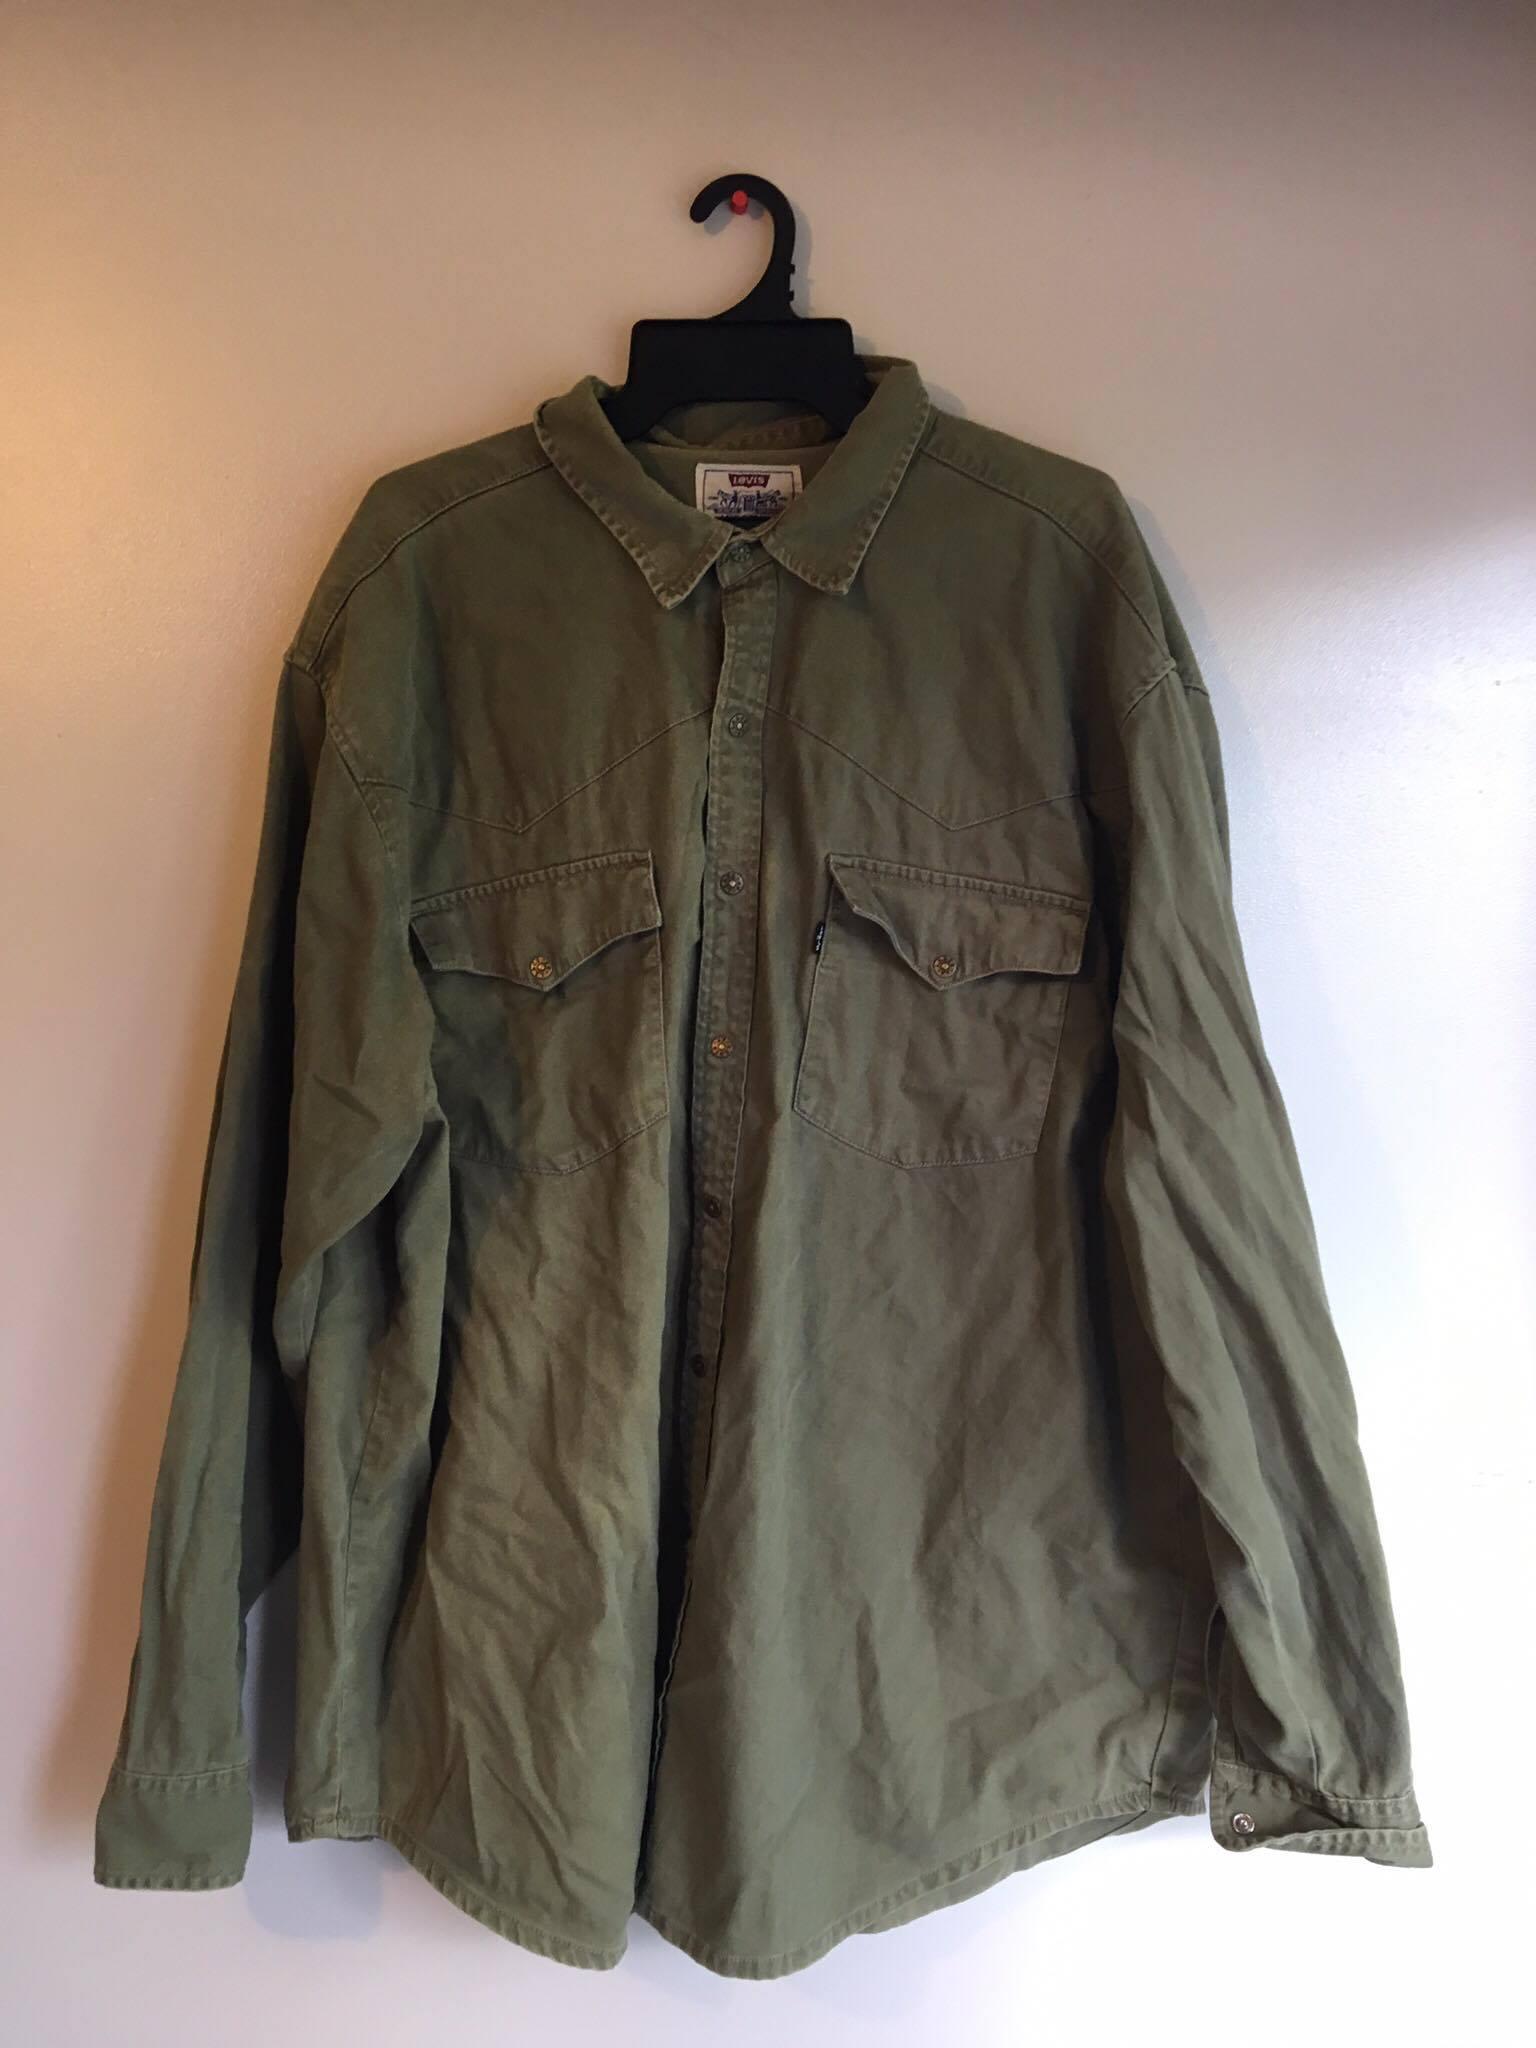 Vintage Levis Button Up shirt/ Khaki